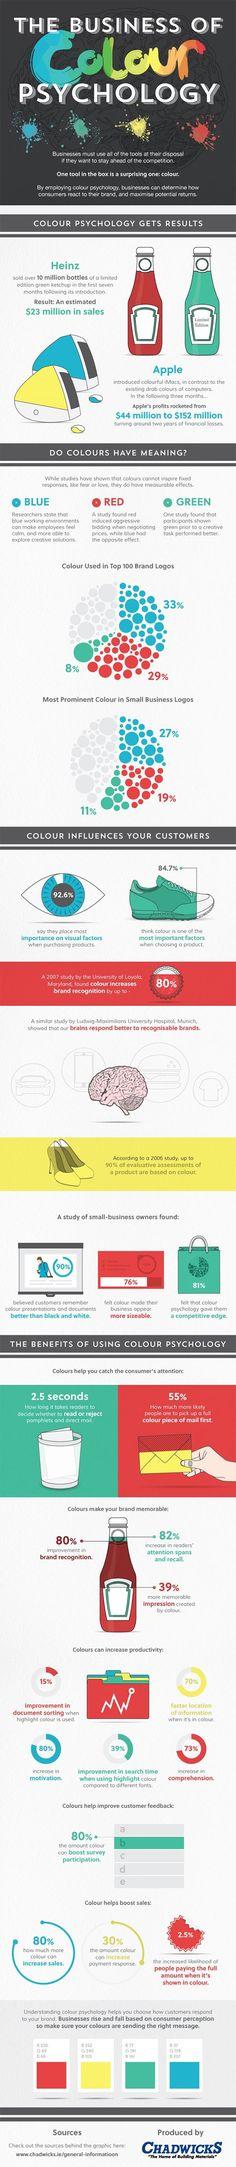 29 hecgis sobre la psicología del color que hará cambiar tu website